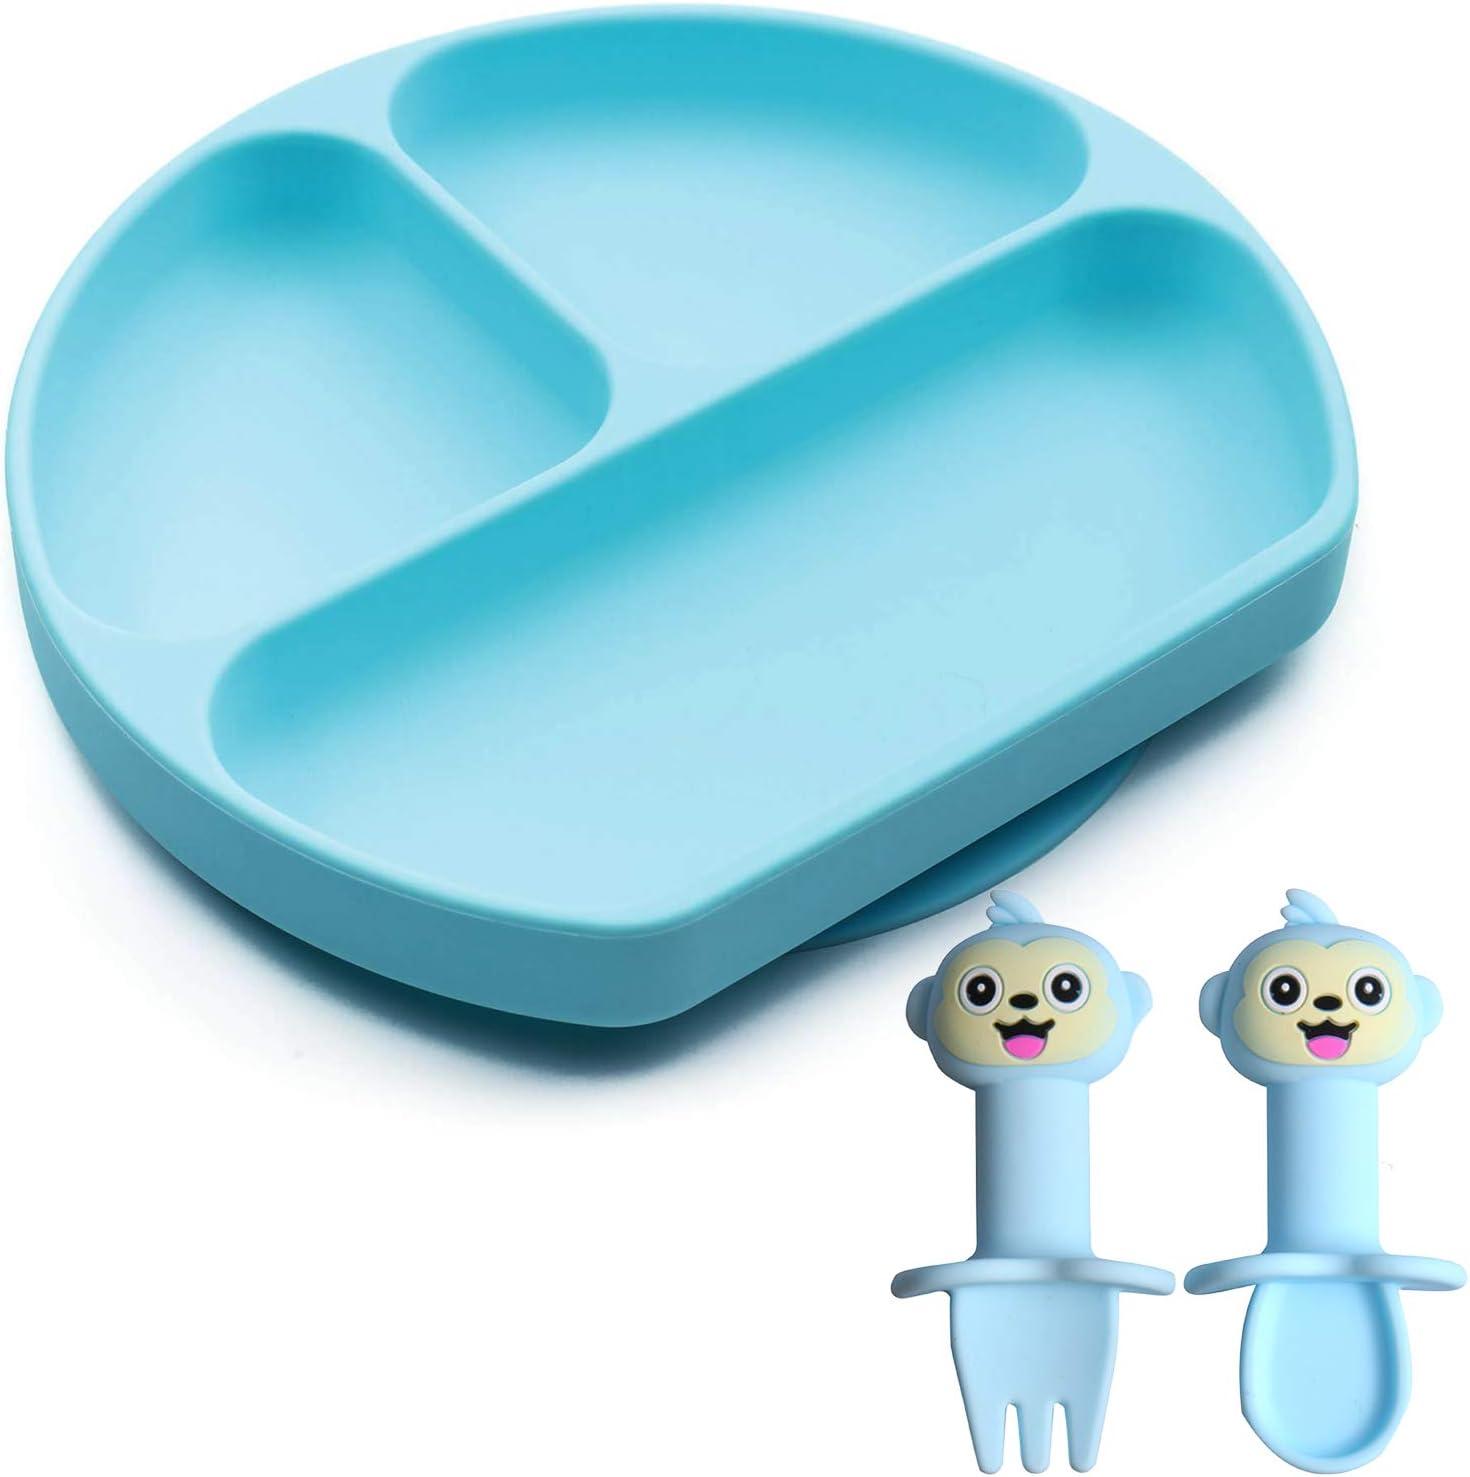 Plato de Silicona con Ventosa Bebé y Bebé Siliconas Tenedor Cucharas Sin BPAP Antideslizante Portátiles Cubiertos Infantiles Adecuado para Sillas Altas y Mesas para Niños